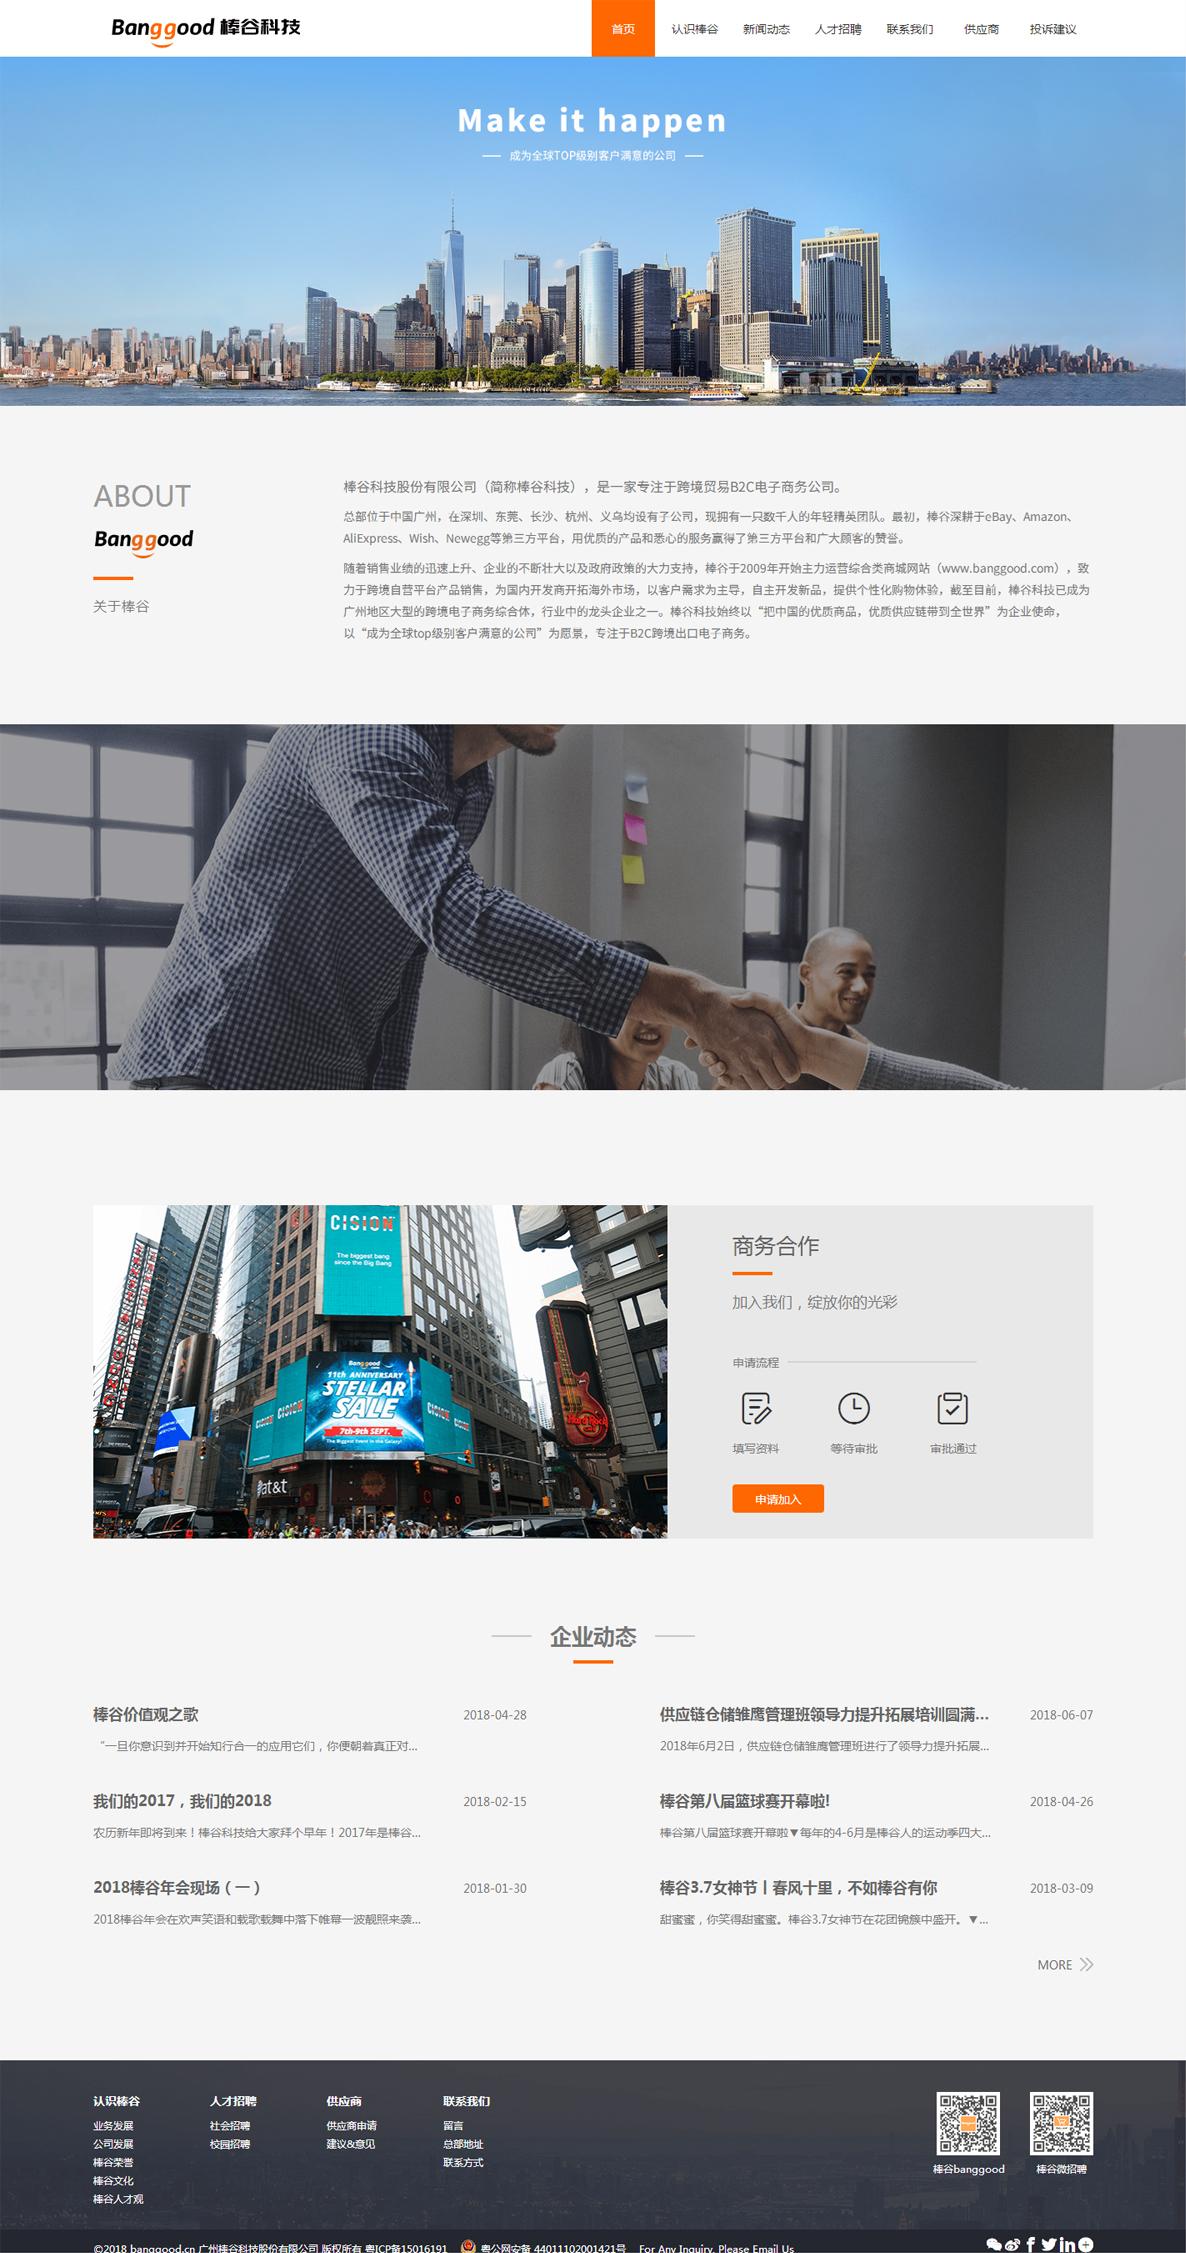 棒谷科技网站设计案例